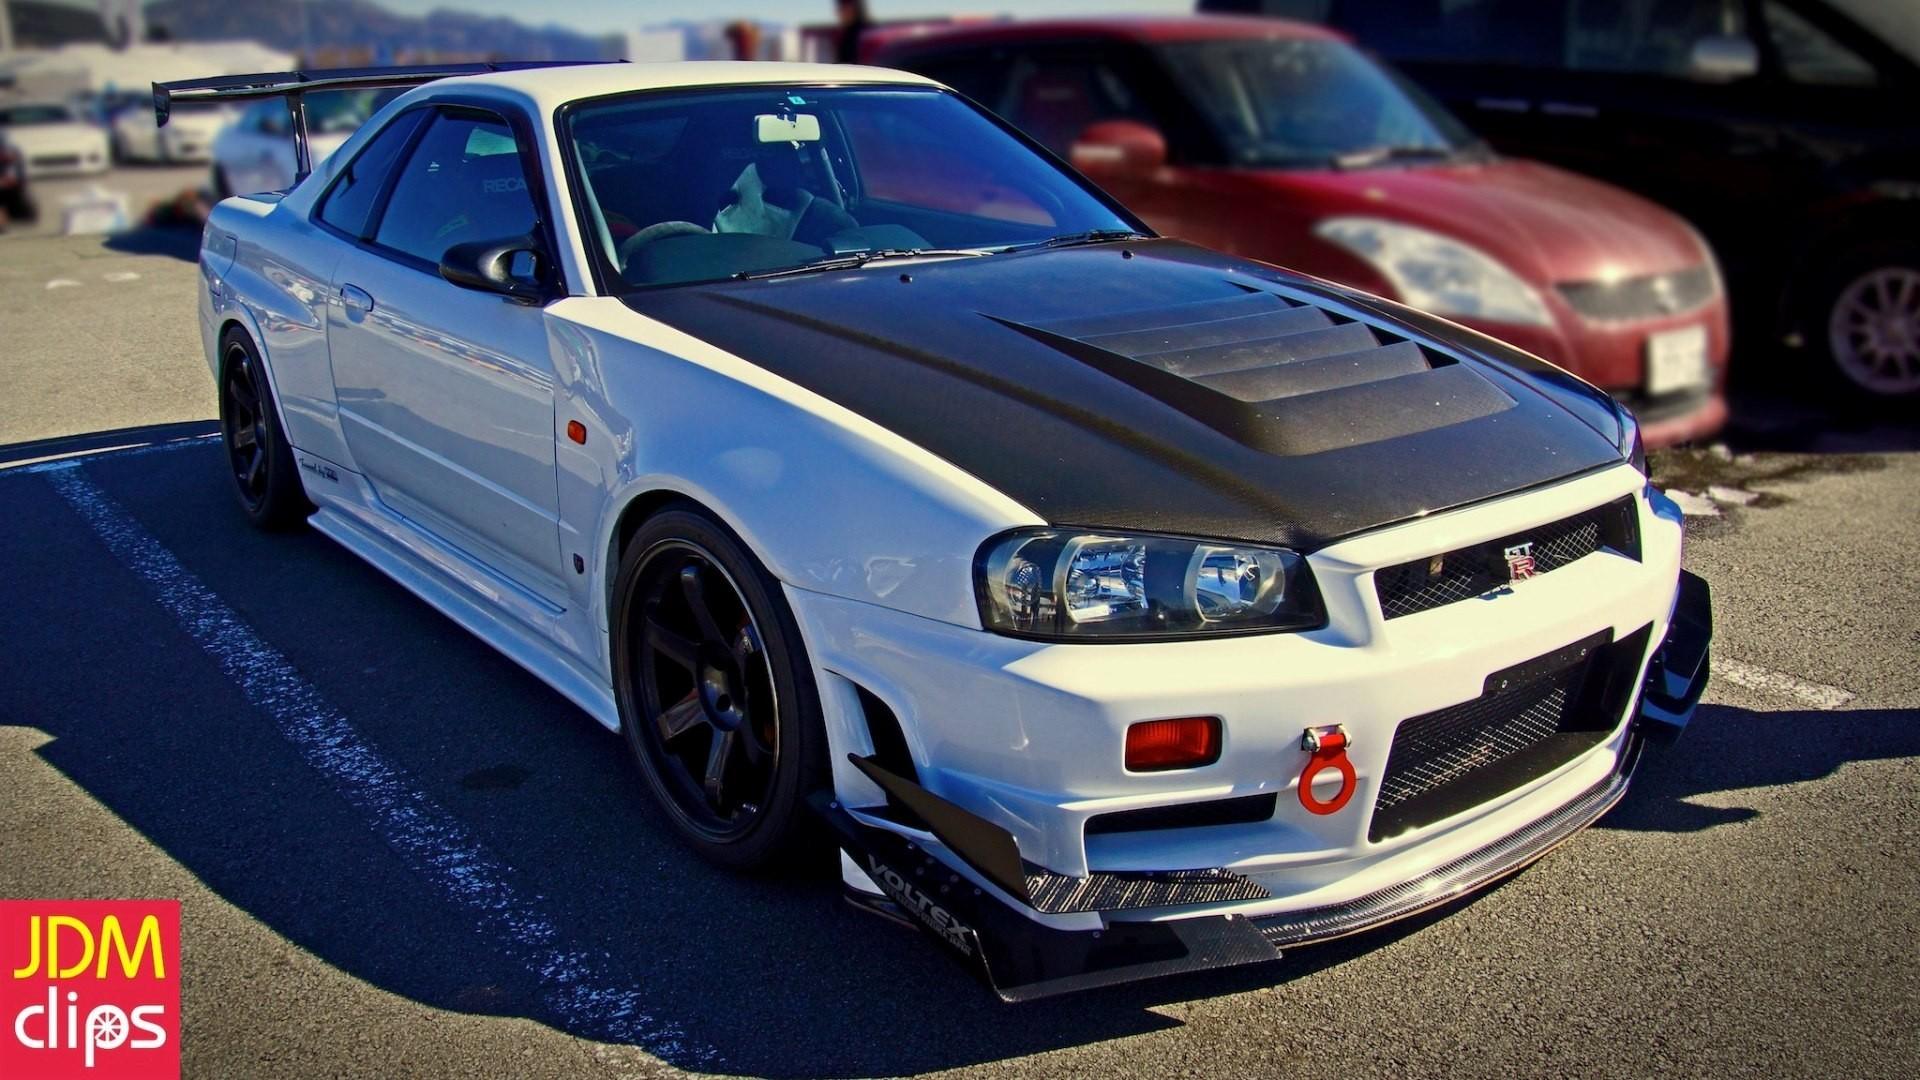 Nissan Skyline GT R R34 V Spec II, Nissan Skyline GT R R34, Nissan, JDM,  Car Wallpapers HD / Desktop and Mobile Backgrounds